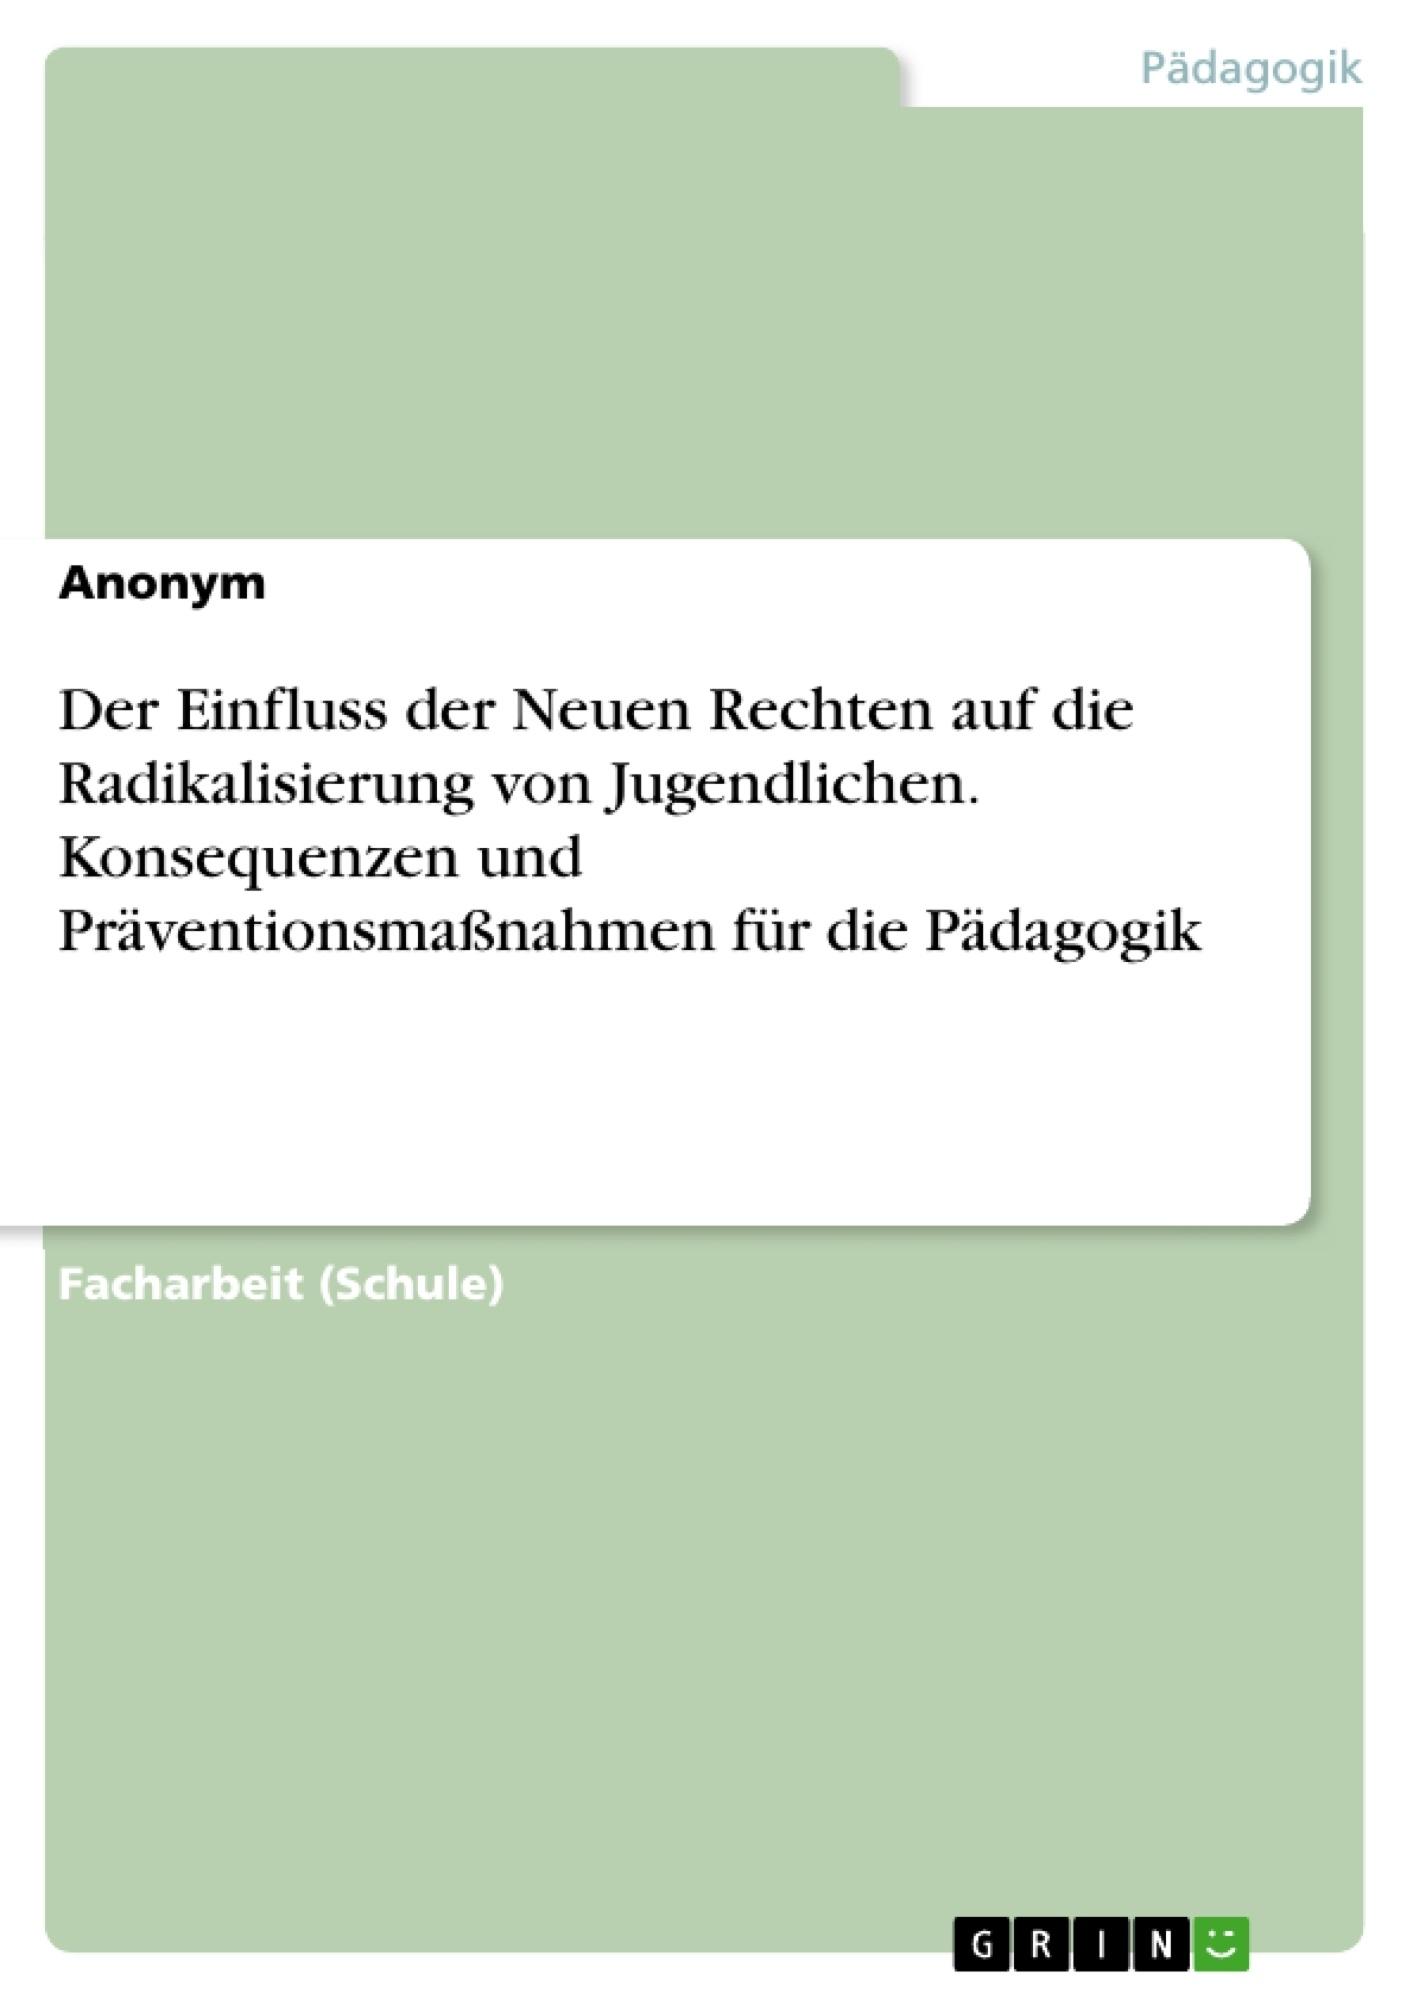 Titel: Der Einfluss der Neuen Rechten auf die Radikalisierung von Jugendlichen. Konsequenzen und Präventionsmaßnahmen für die Pädagogik